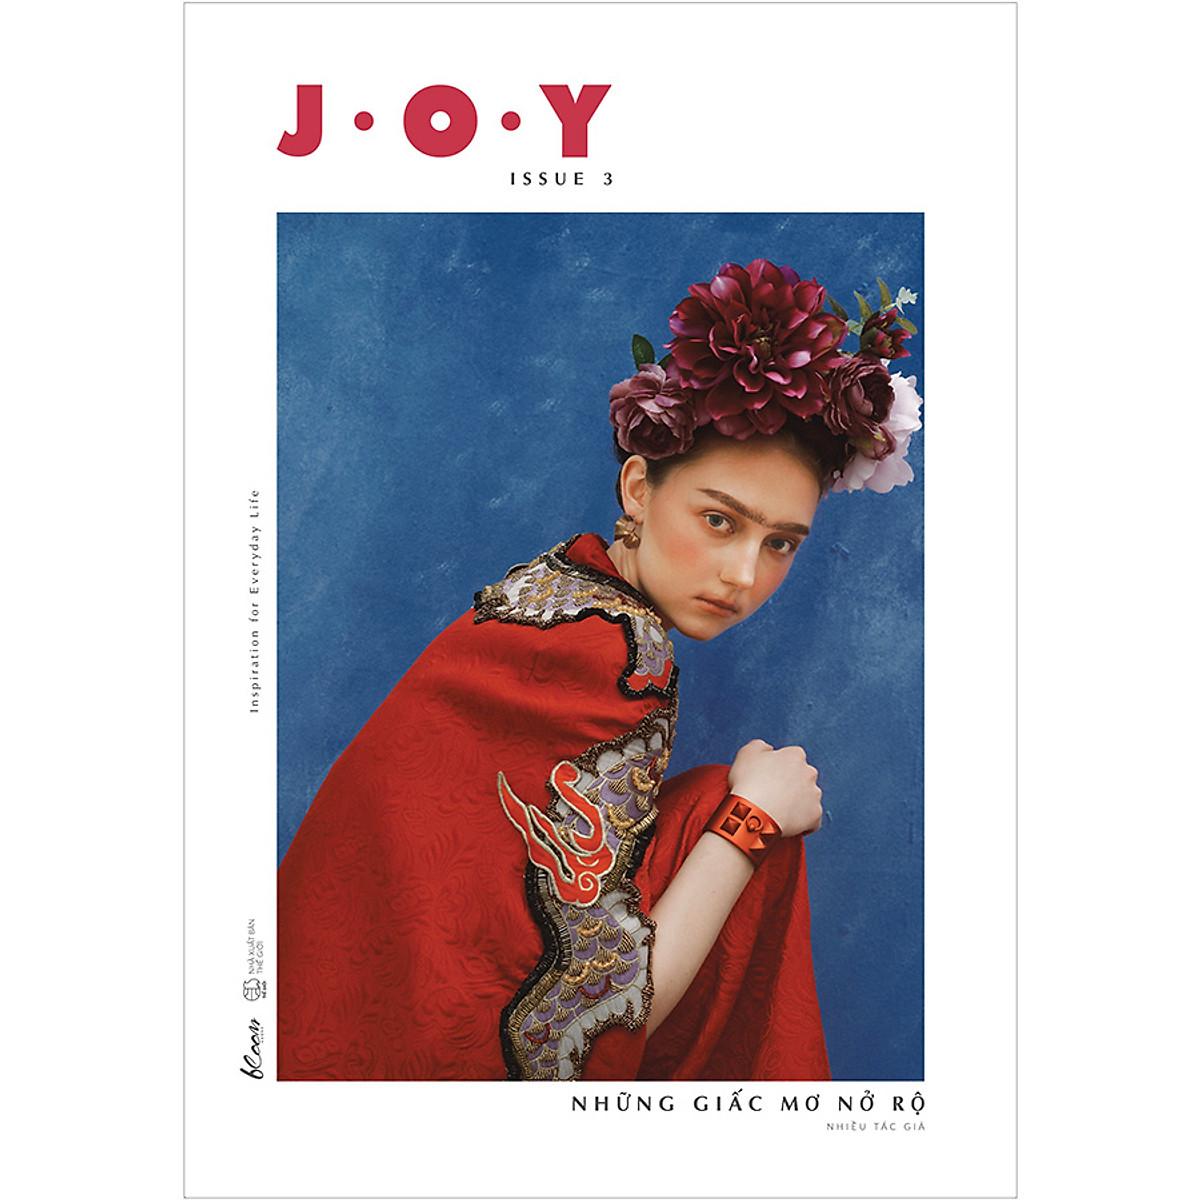 Combo 4 Cuốn Sách: J.O.Y – Issue 1: Lấp Lánh + J.O.Y – Issue 2: Người Kể Chuyện Tình + J.O.Y - Issue 3: Những Giấc Mơ Nở Rộ + J.O.Y - Issue 4: Chuyến Du Hành Ngược Thời Gian